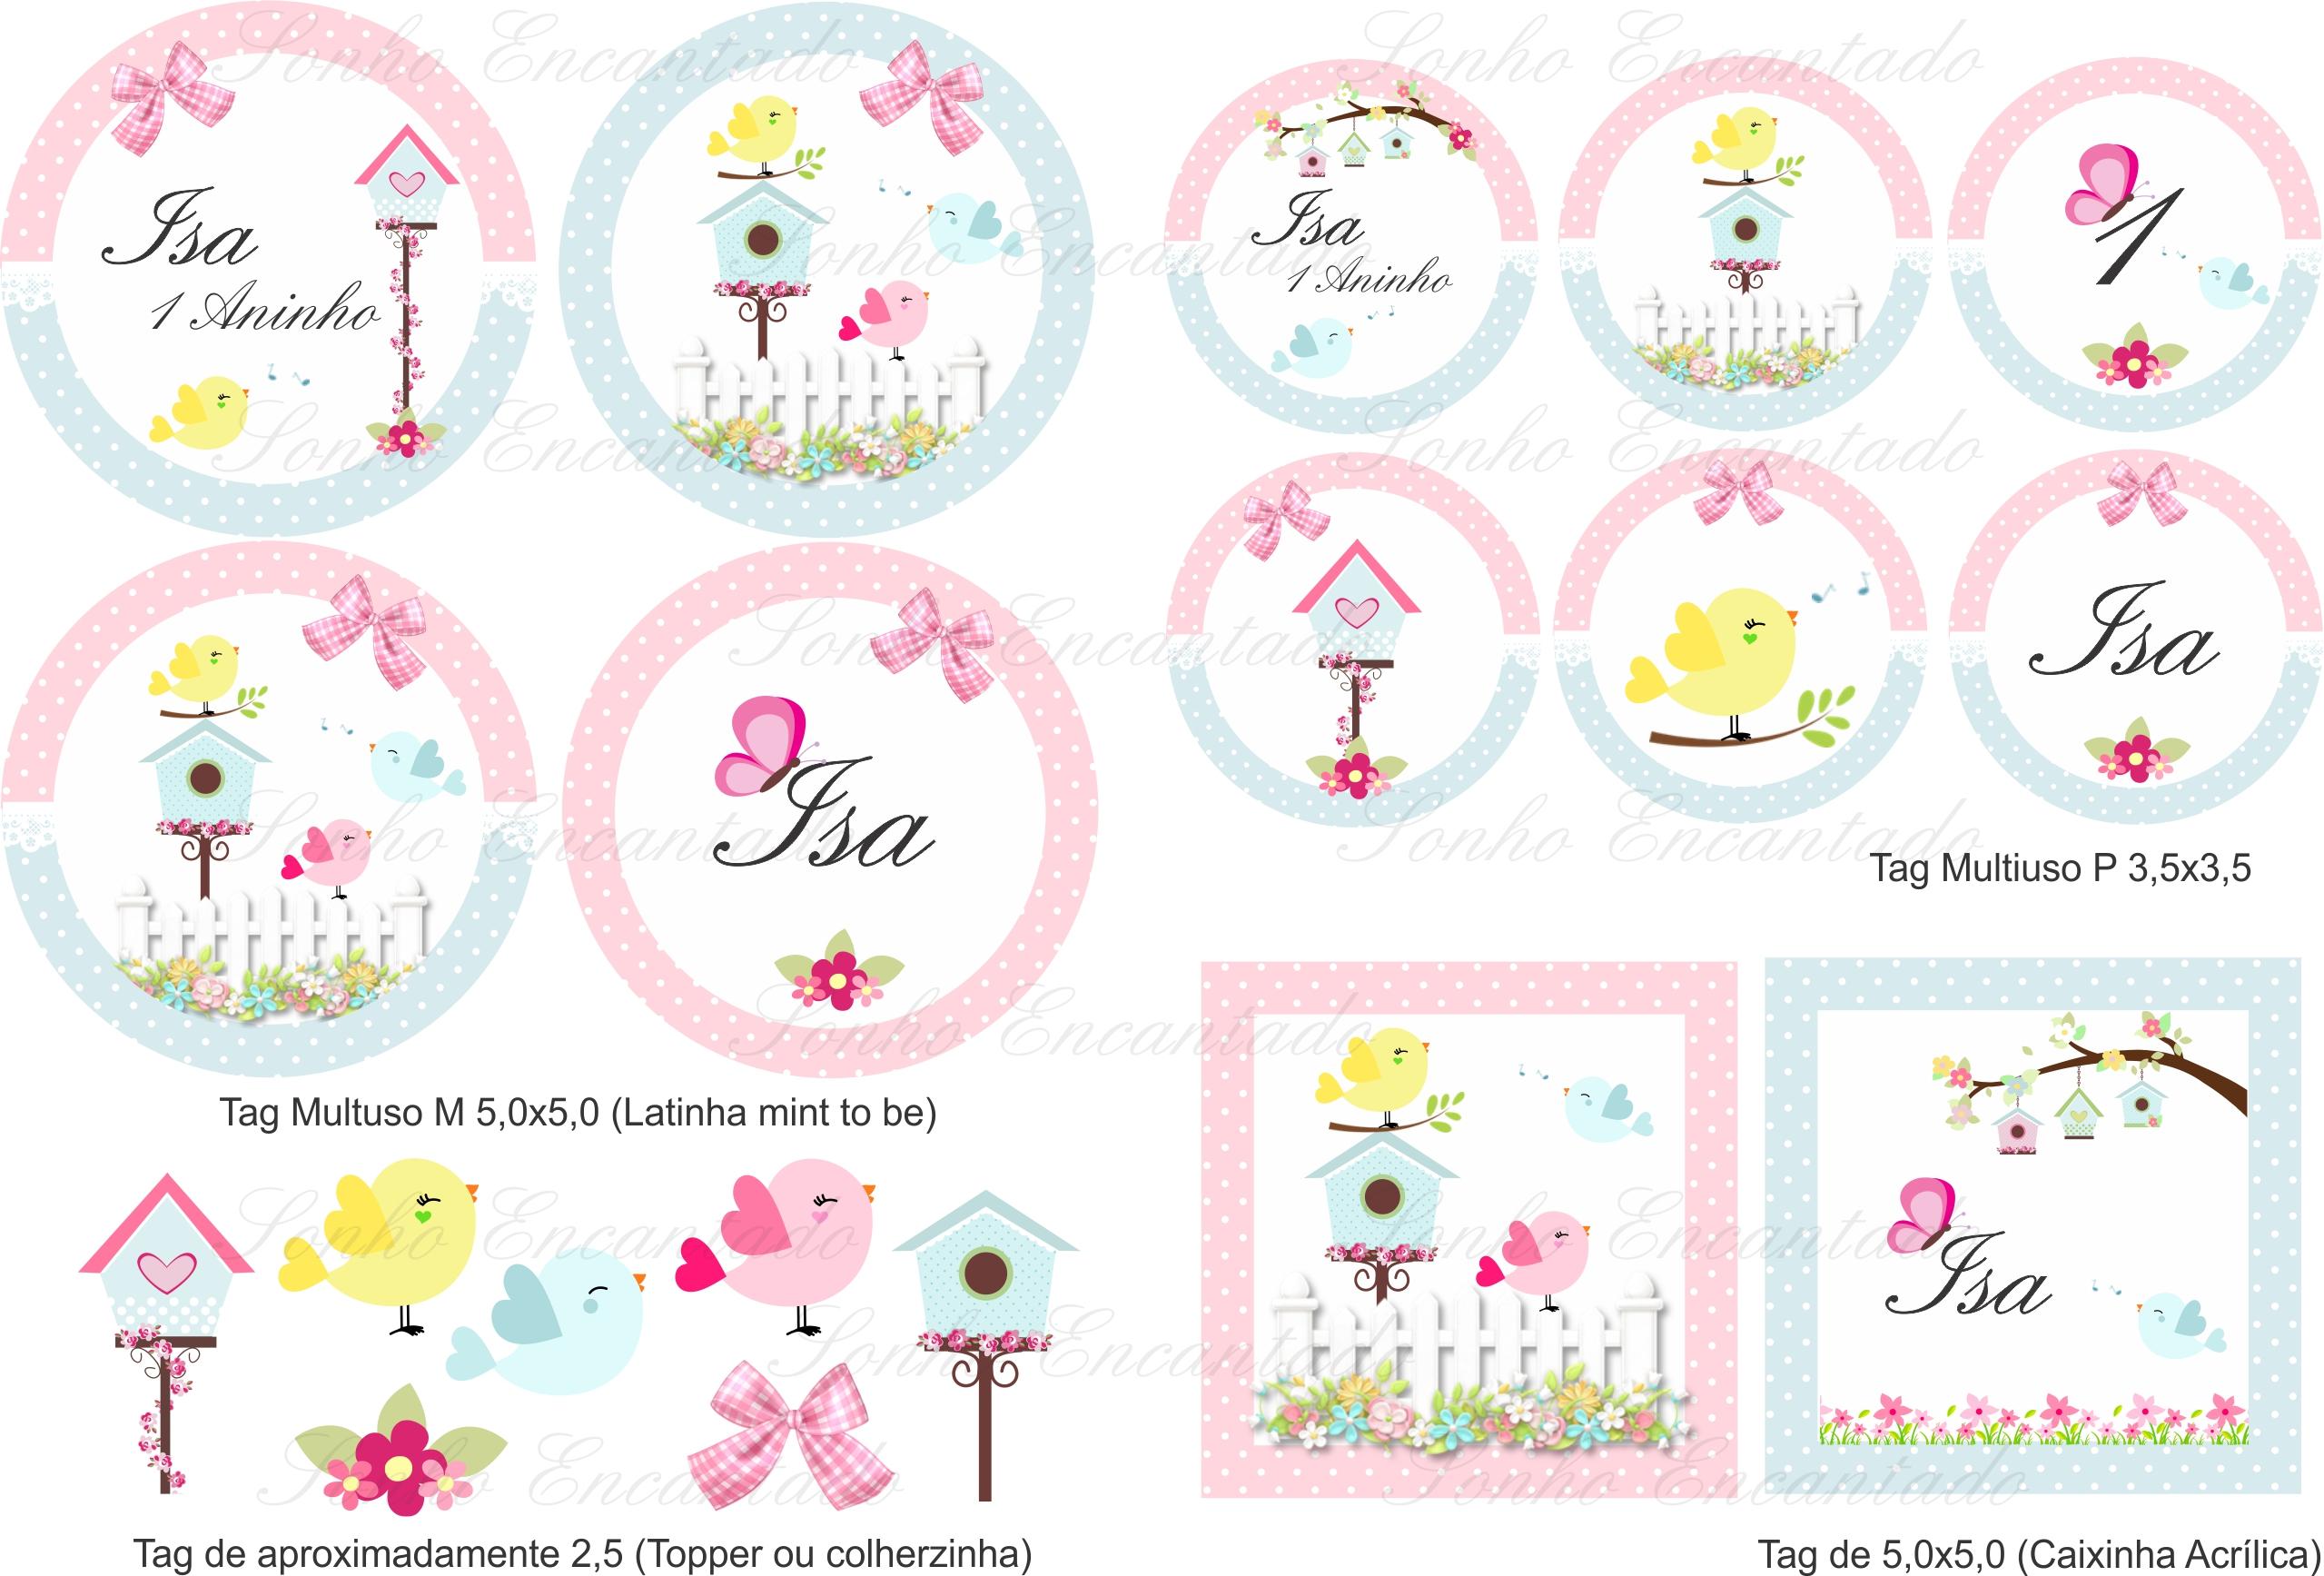 kit digital passarinho azul e rosa no elo7 sonho encantado